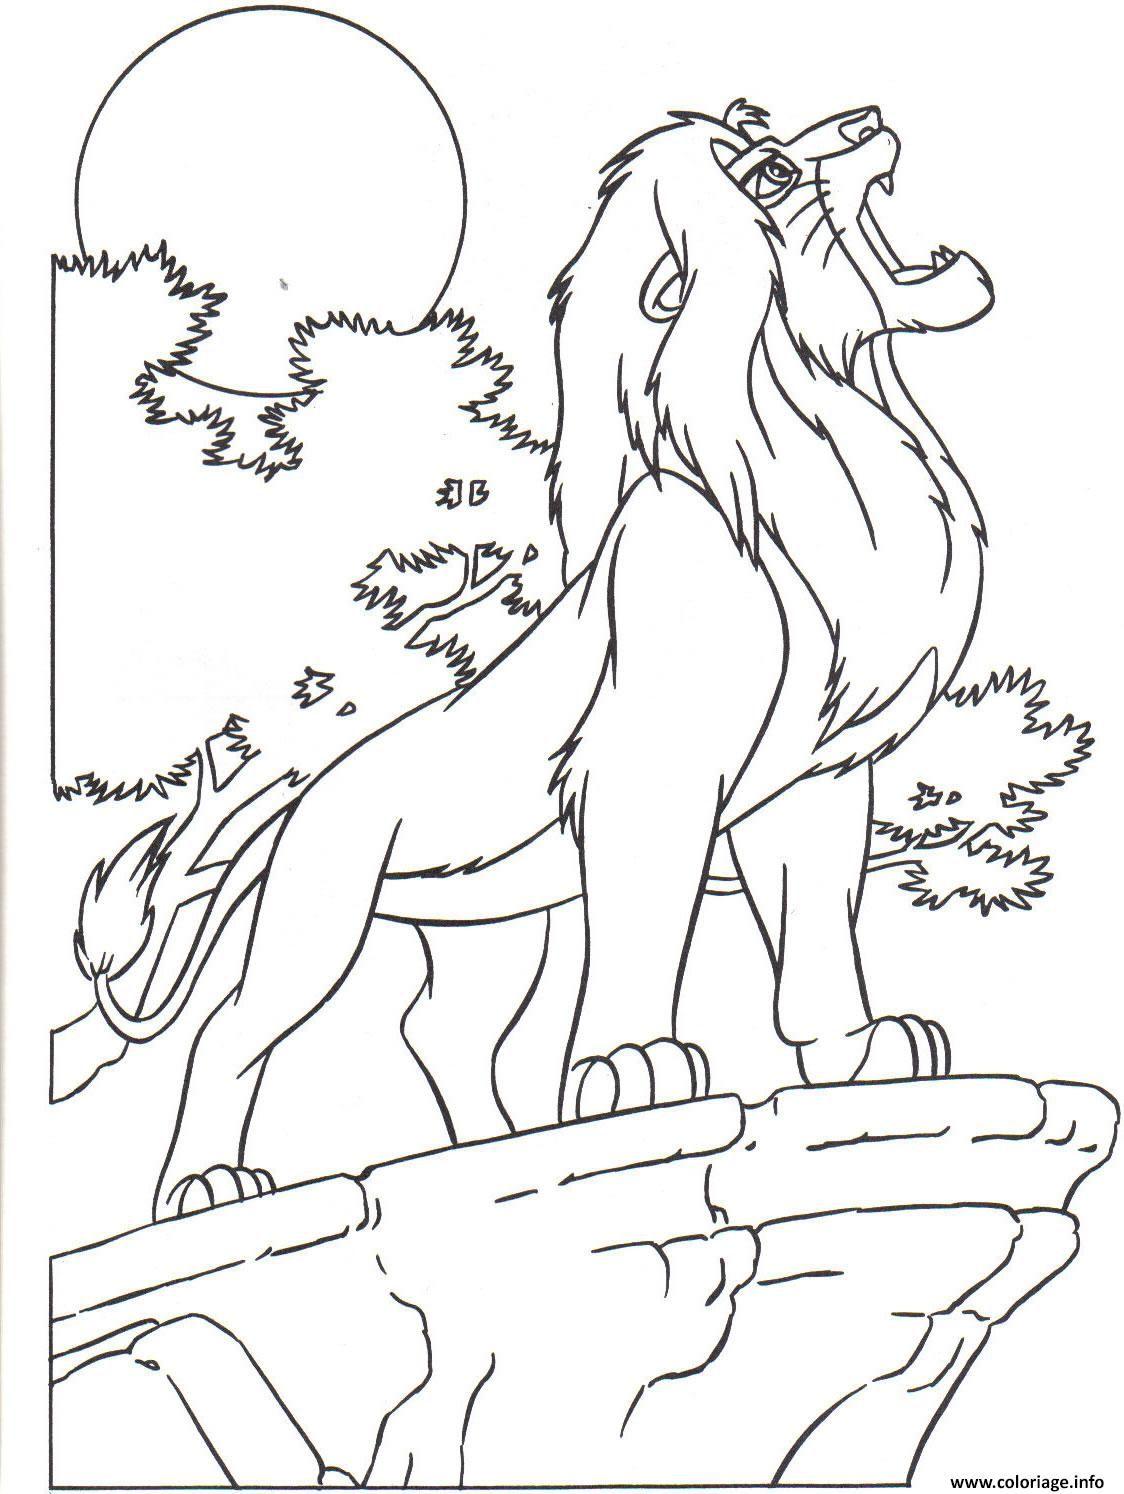 Coloriage le roi lion 28 Dessin à Imprimer  Lion coloring pages